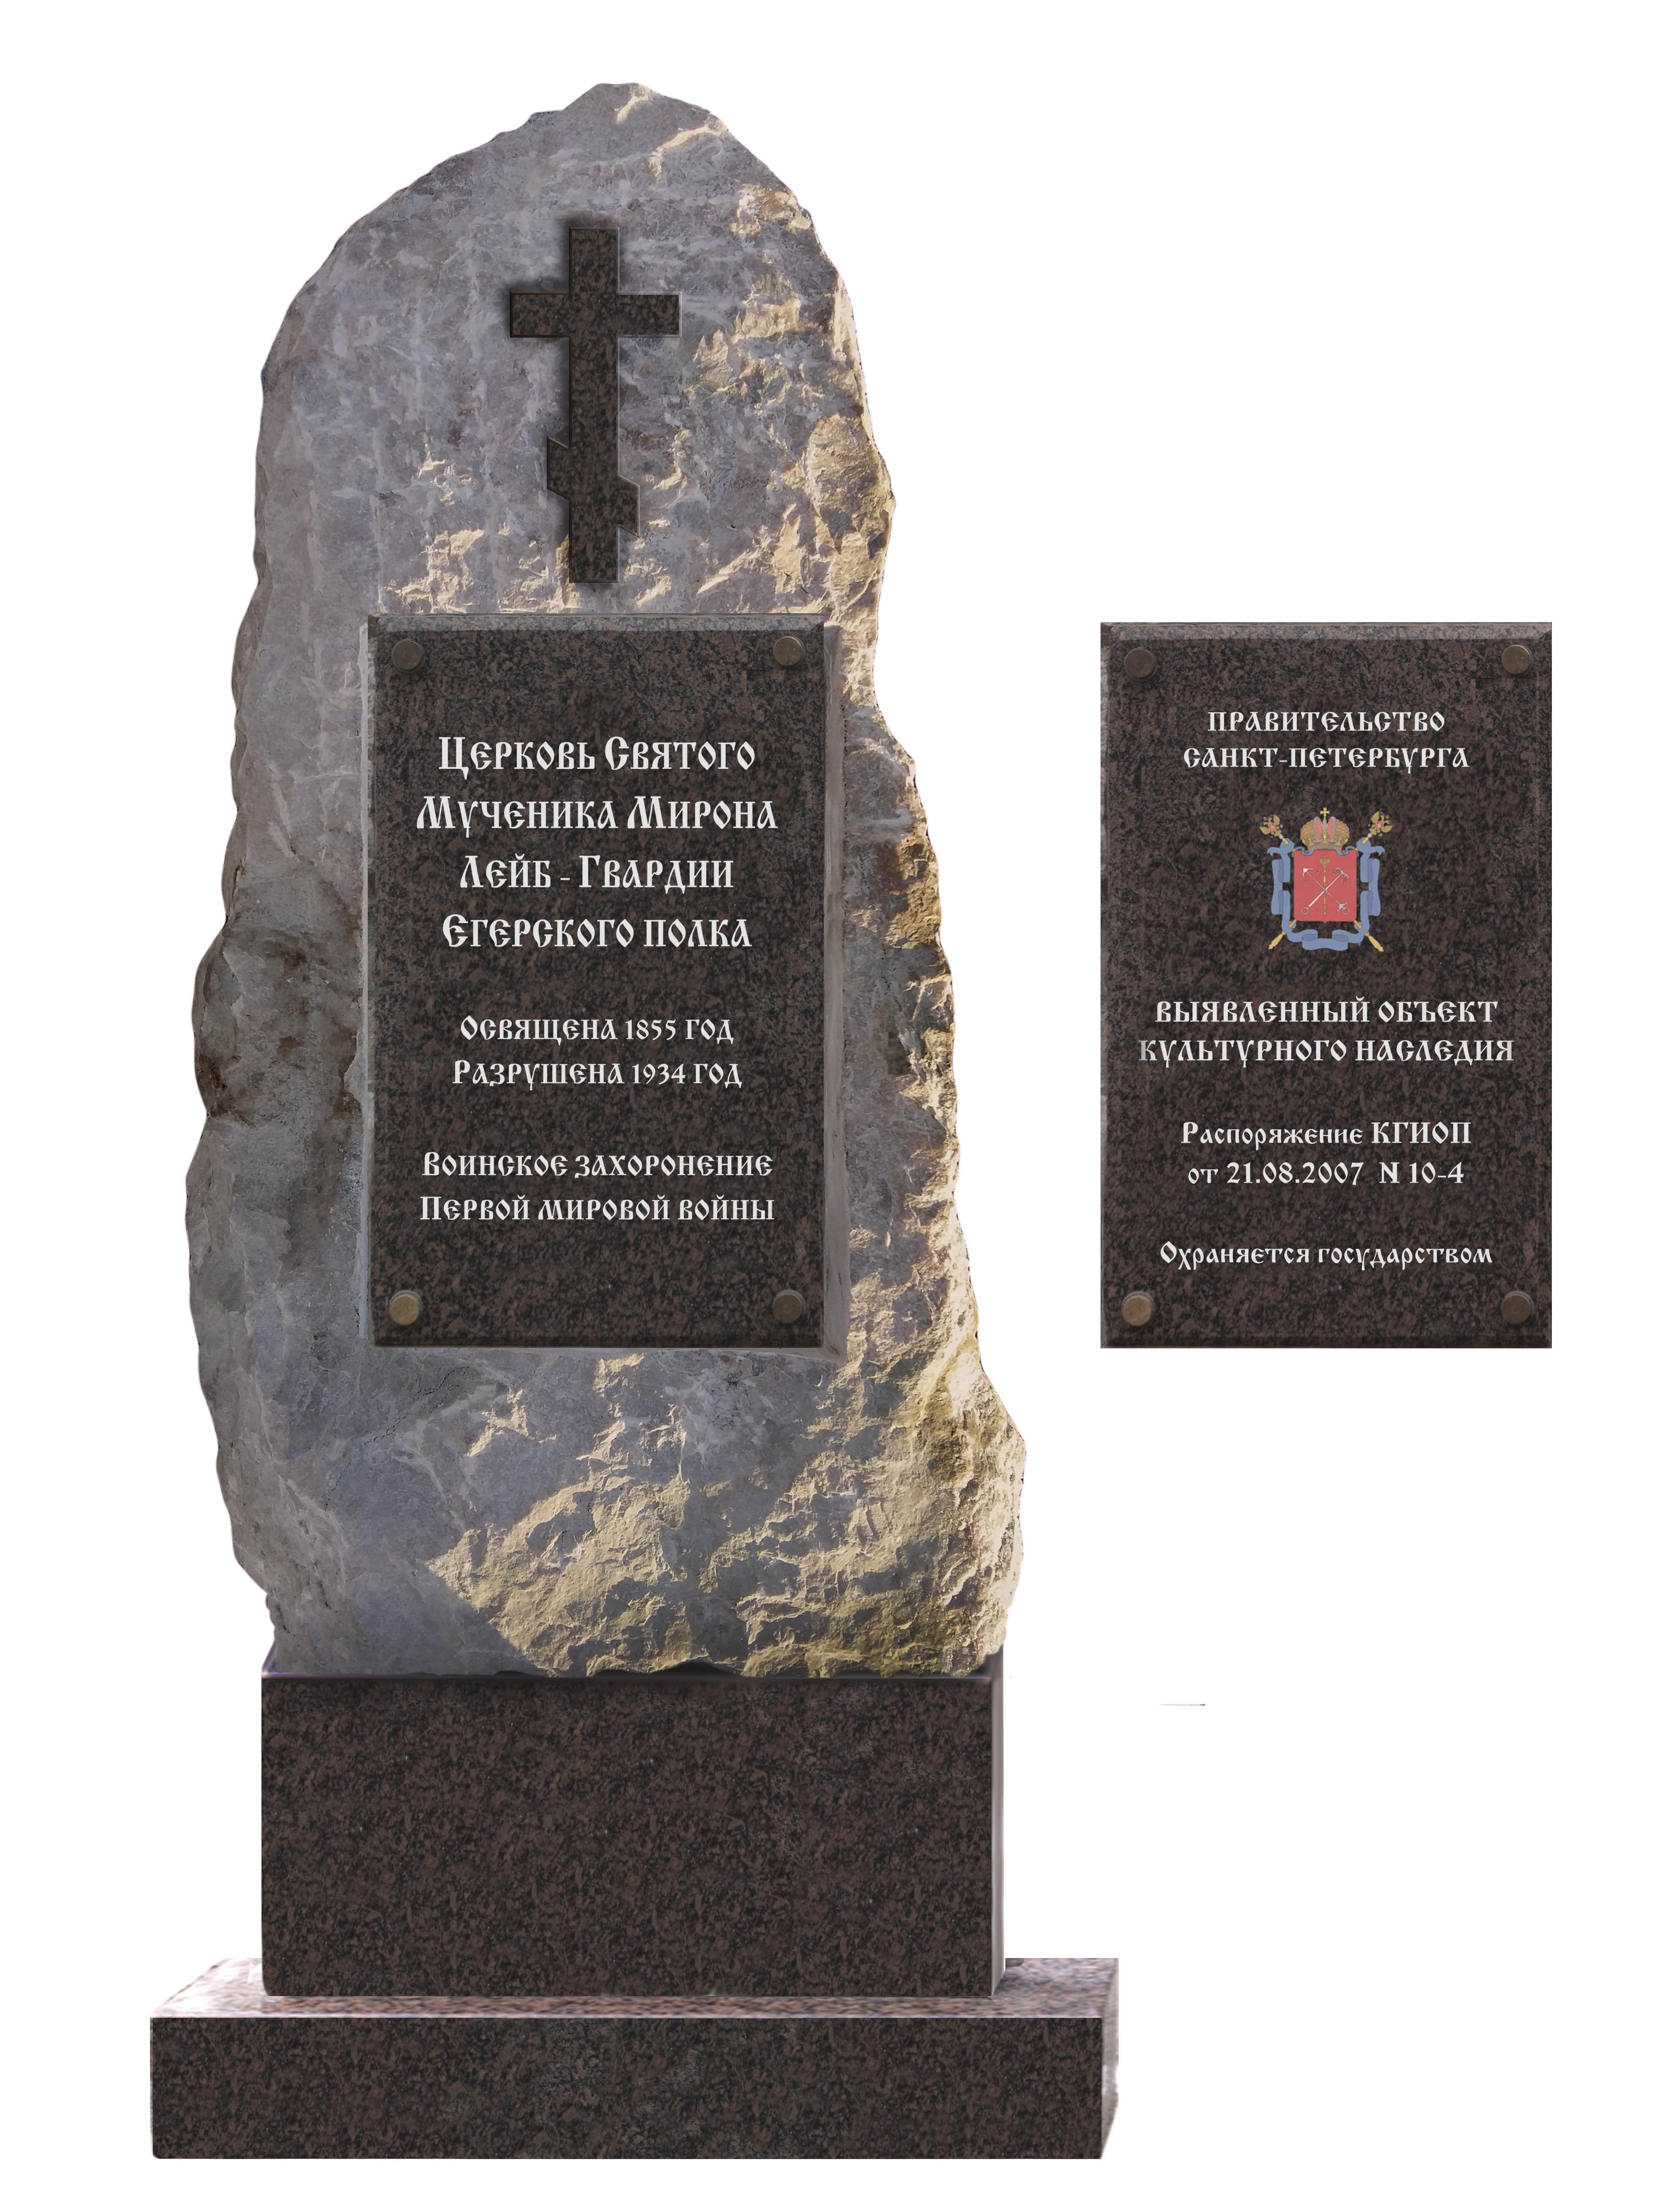 Закладной камень на месте разрушенной церкви св. Мирона